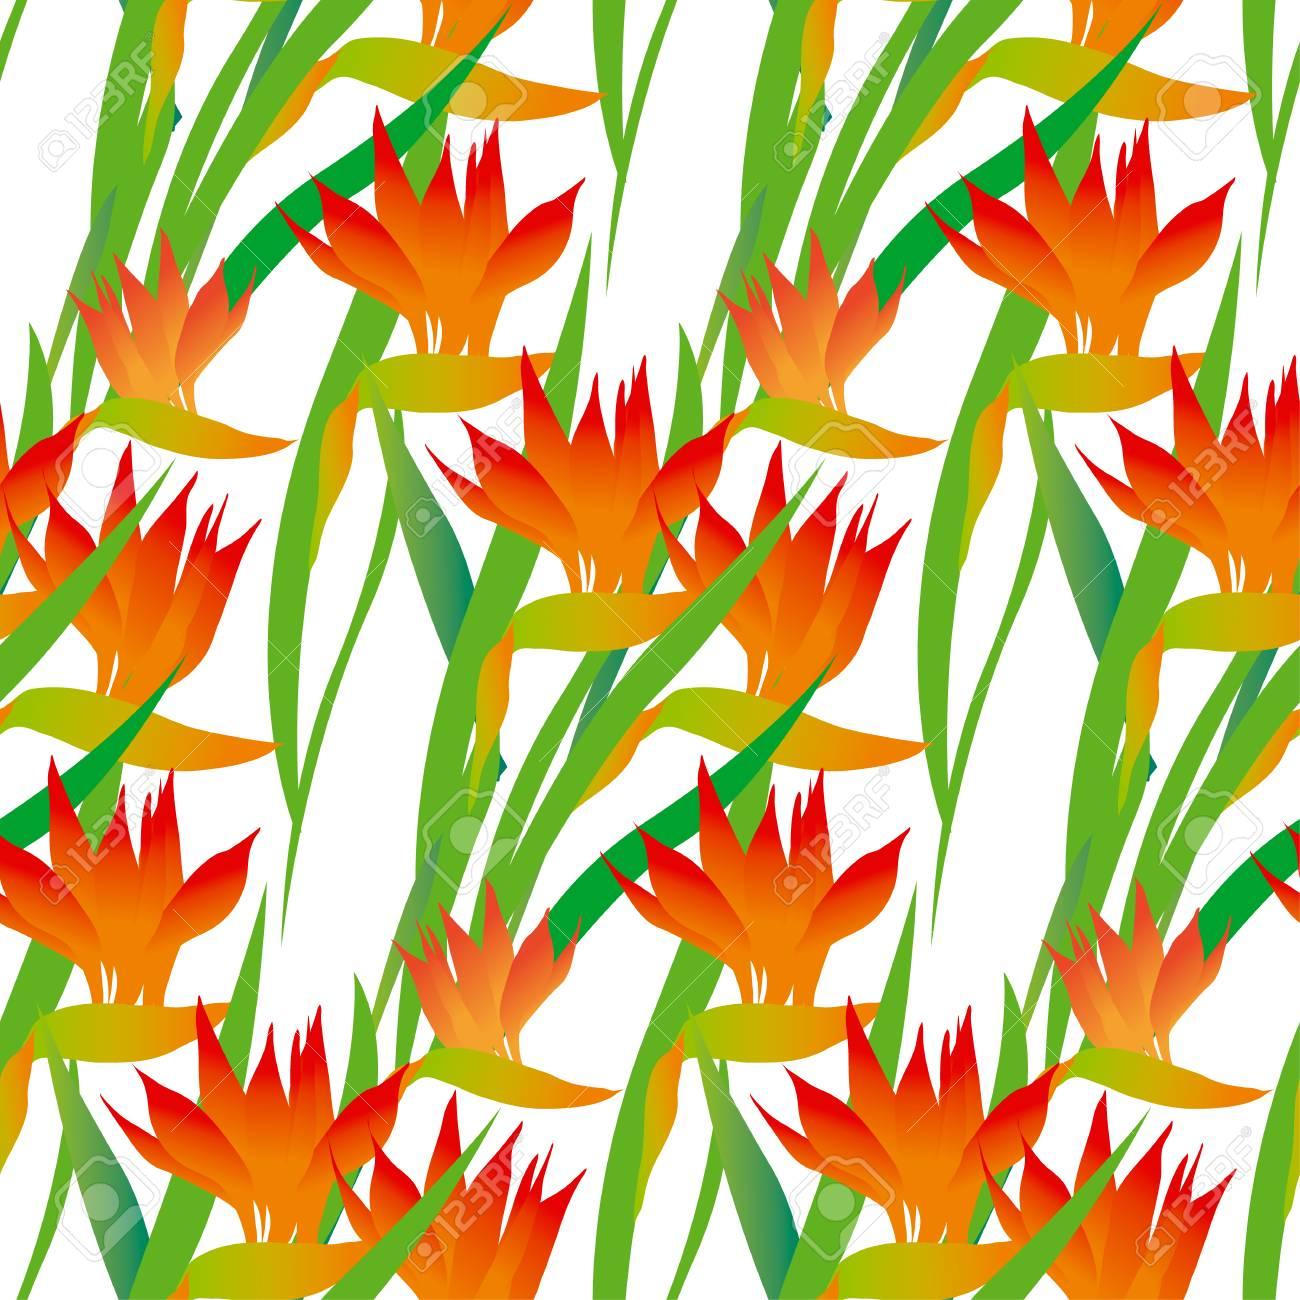 南国のエキゾチックな花のシームレスなパターン ベクトル イラスト のイラスト素材 ベクタ Image